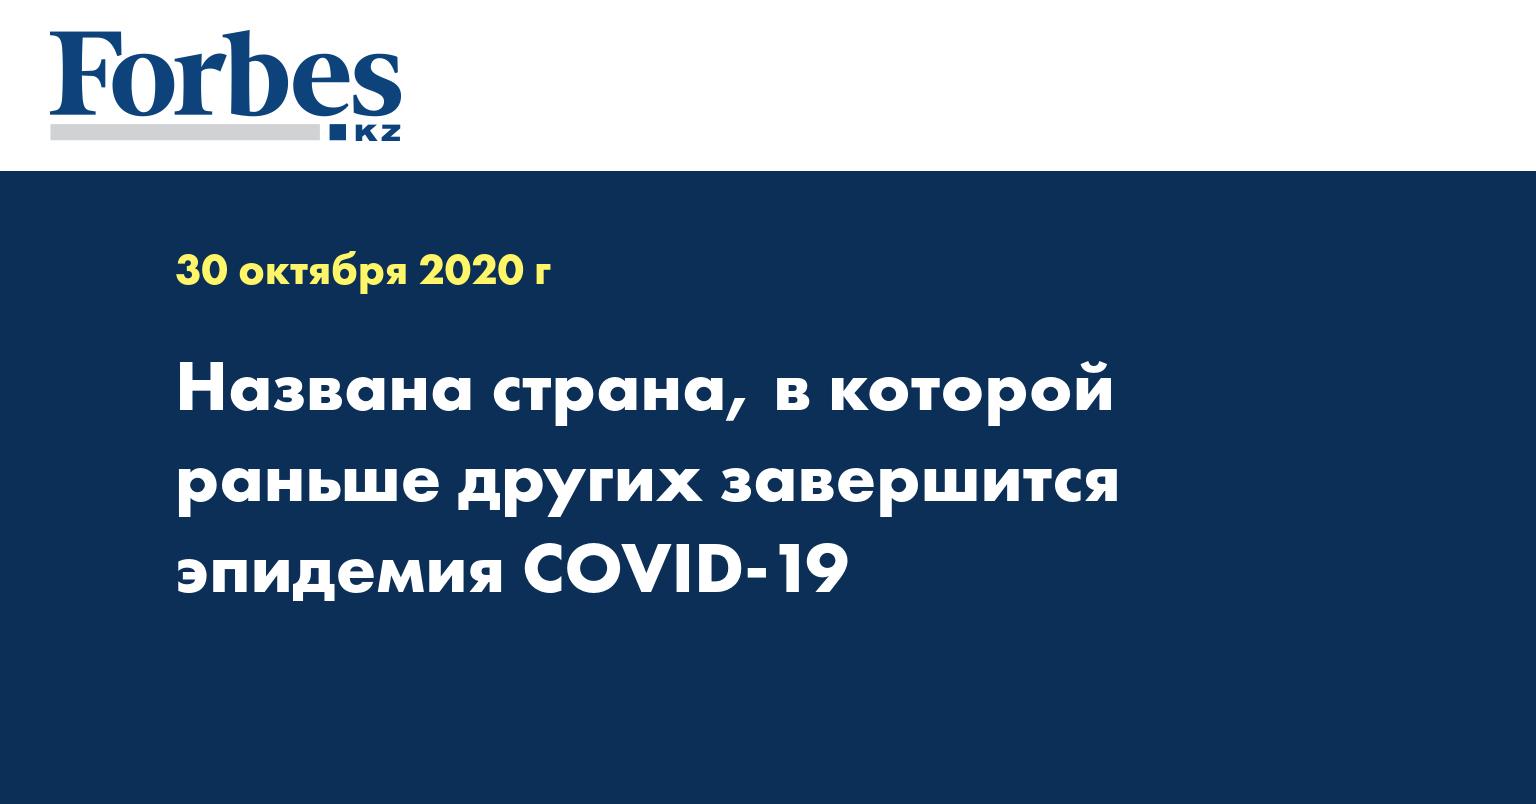 Названа страна, в которой раньше других завершится эпидемия COVID-19